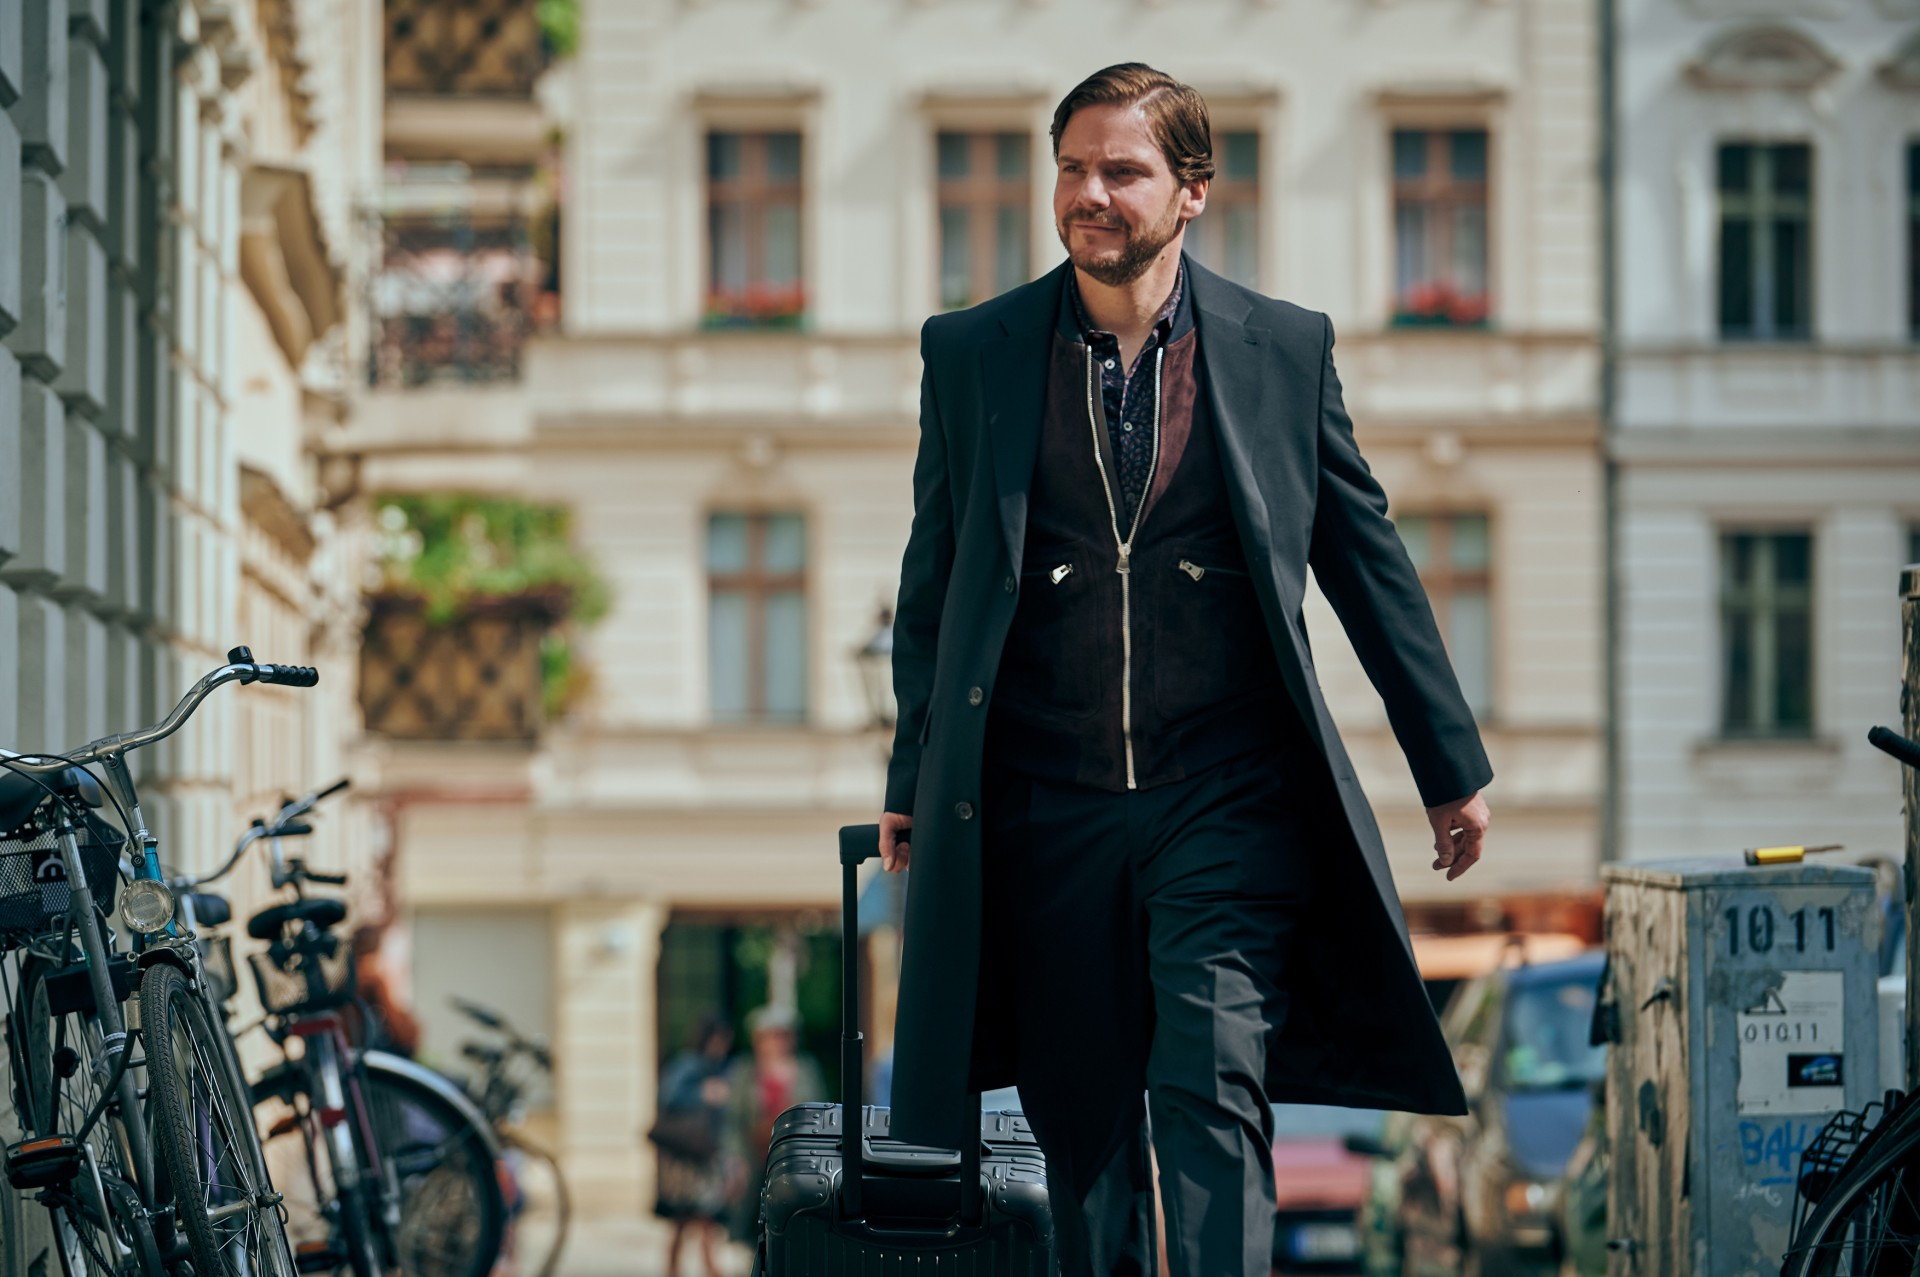 Next Door (Daniel Brühl)